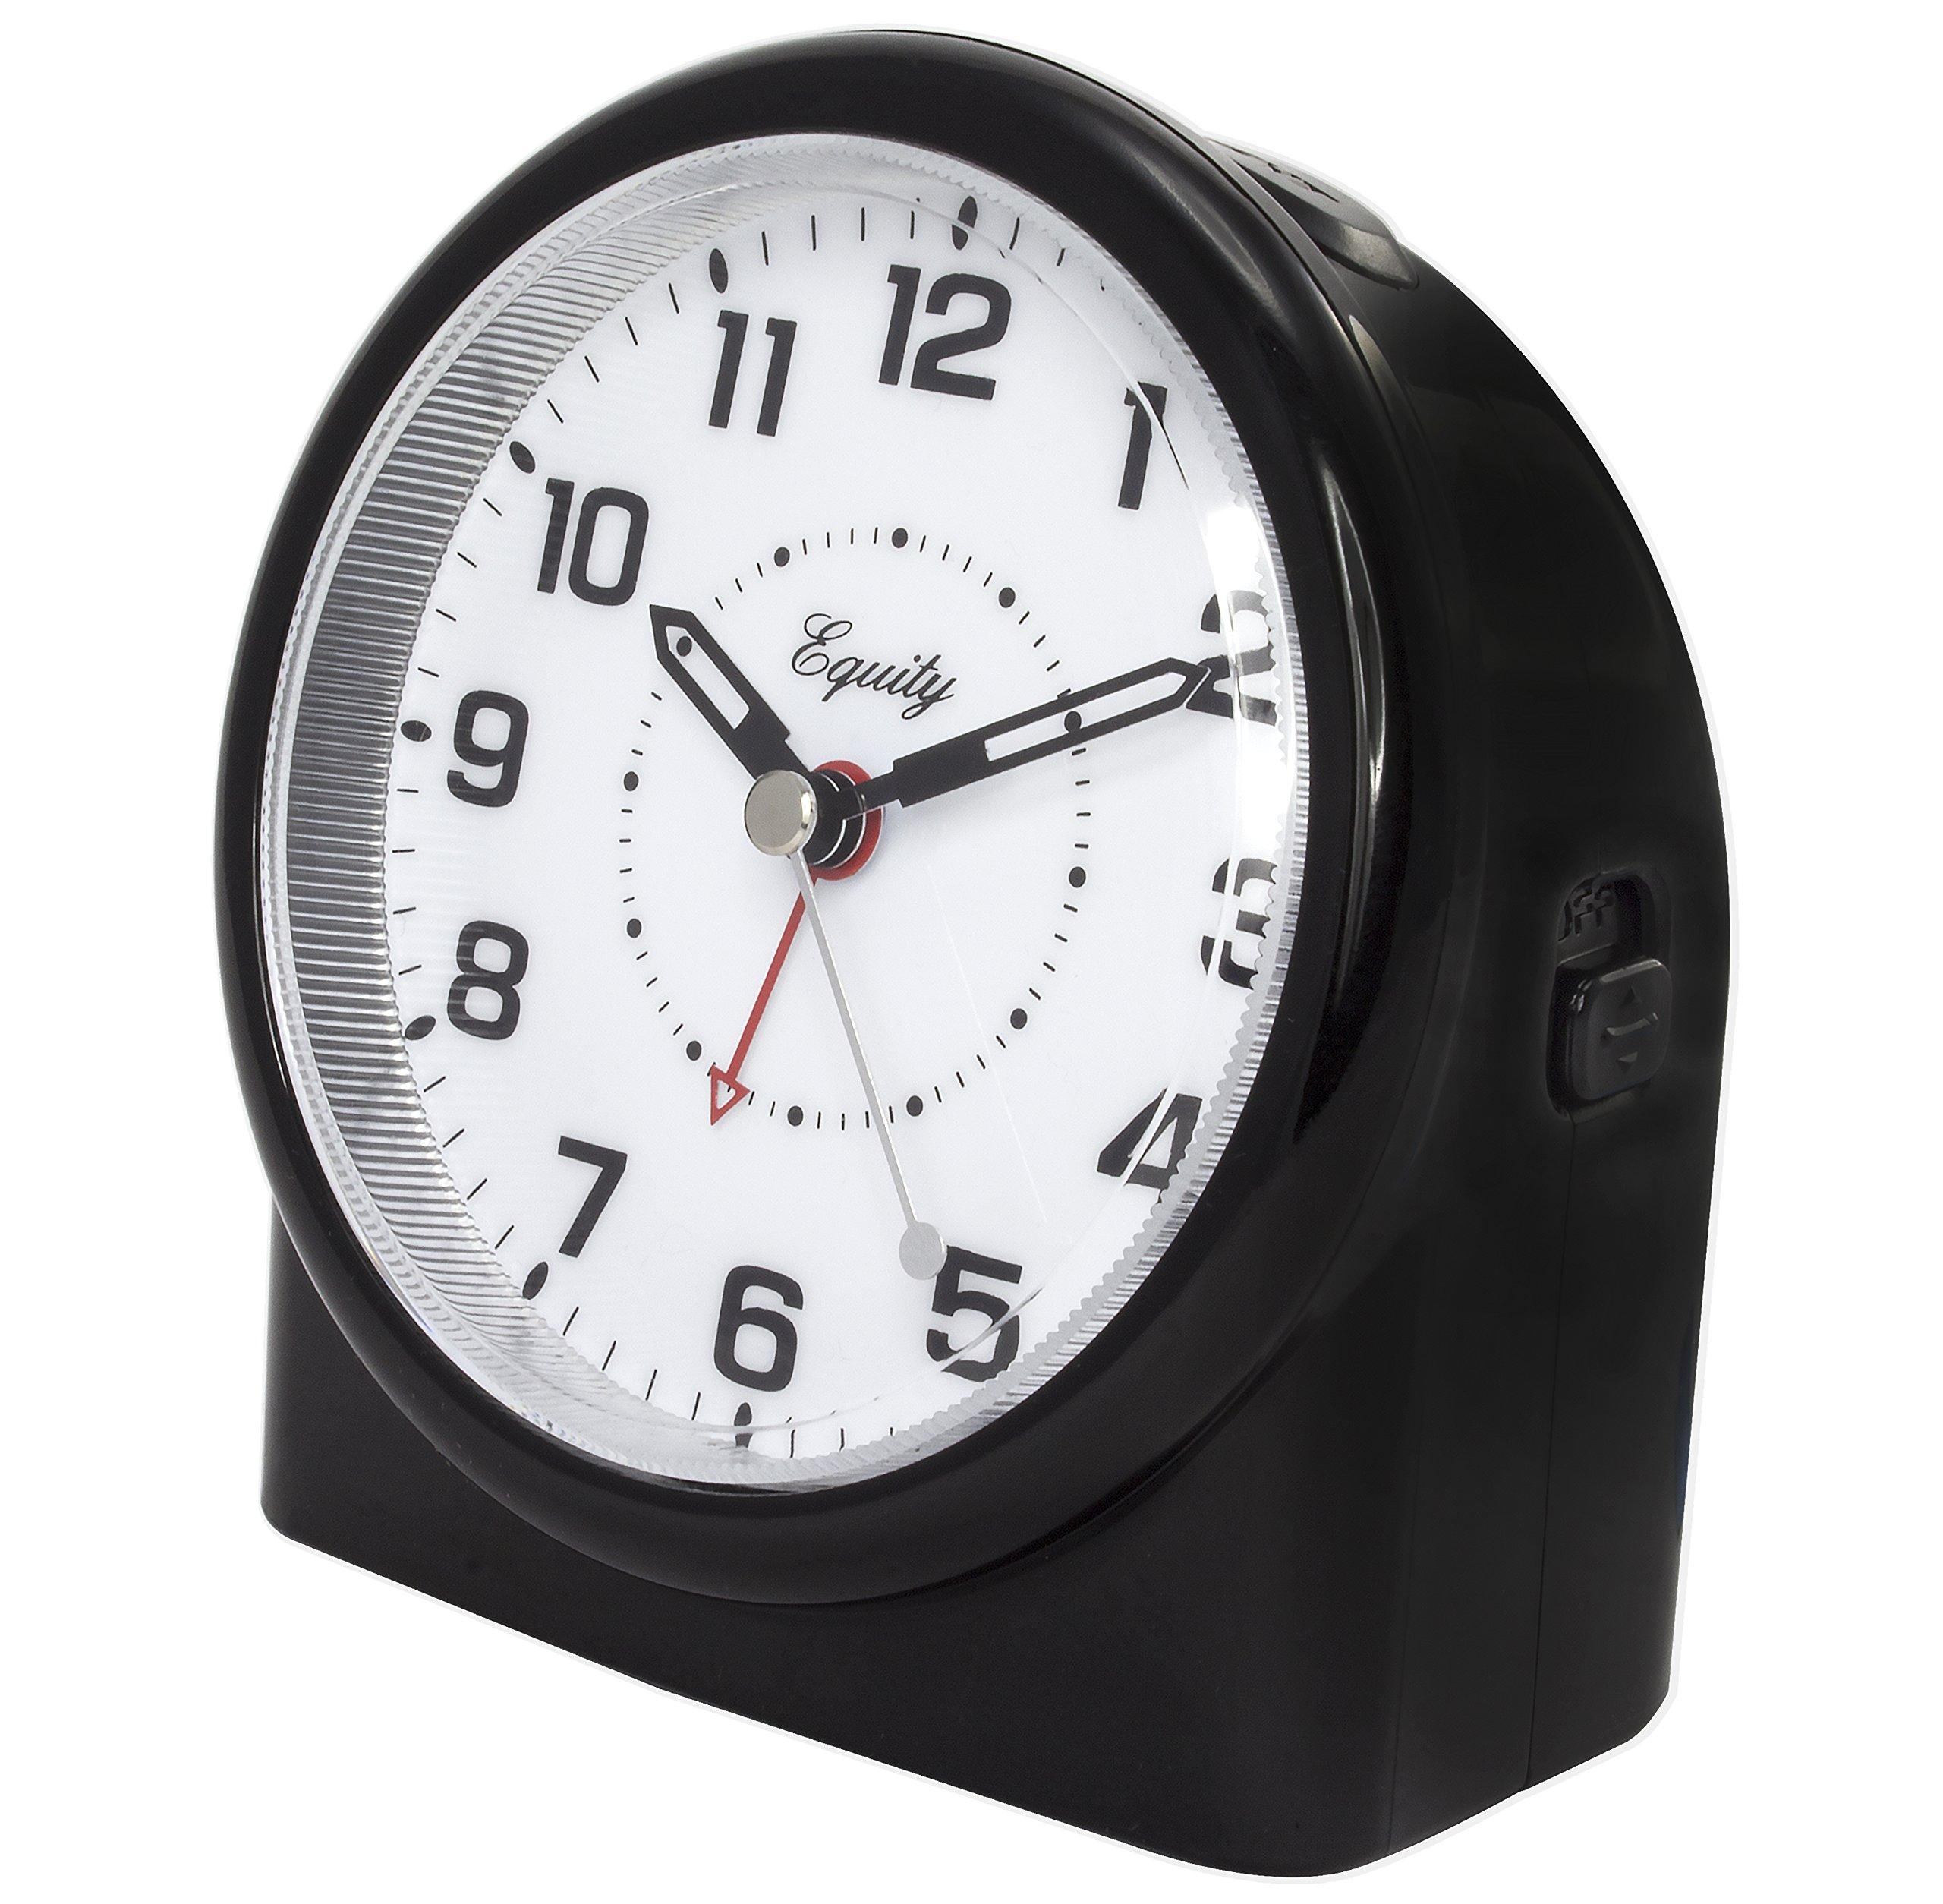 best equity analog night vision alarm clock 689719866833 ebay. Black Bedroom Furniture Sets. Home Design Ideas